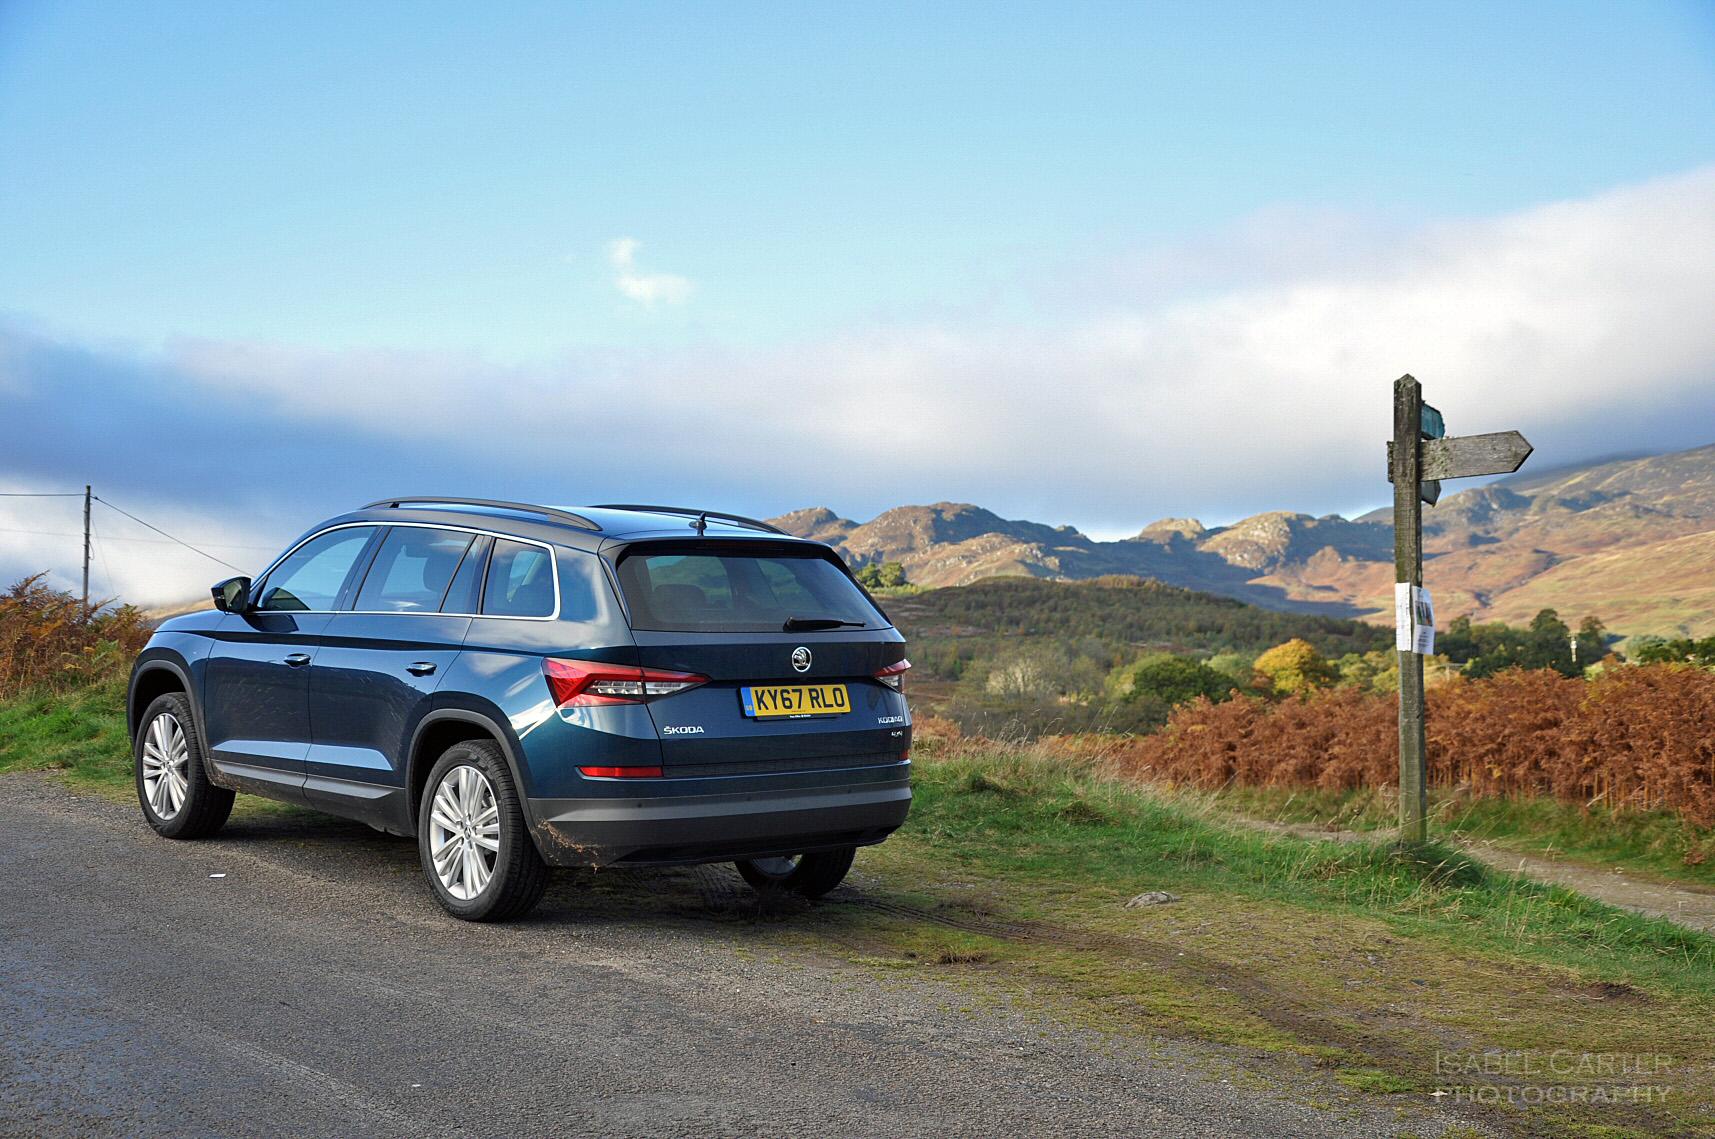 skoda kodiaq 4x4 7 seat suv road test review uk rear 34